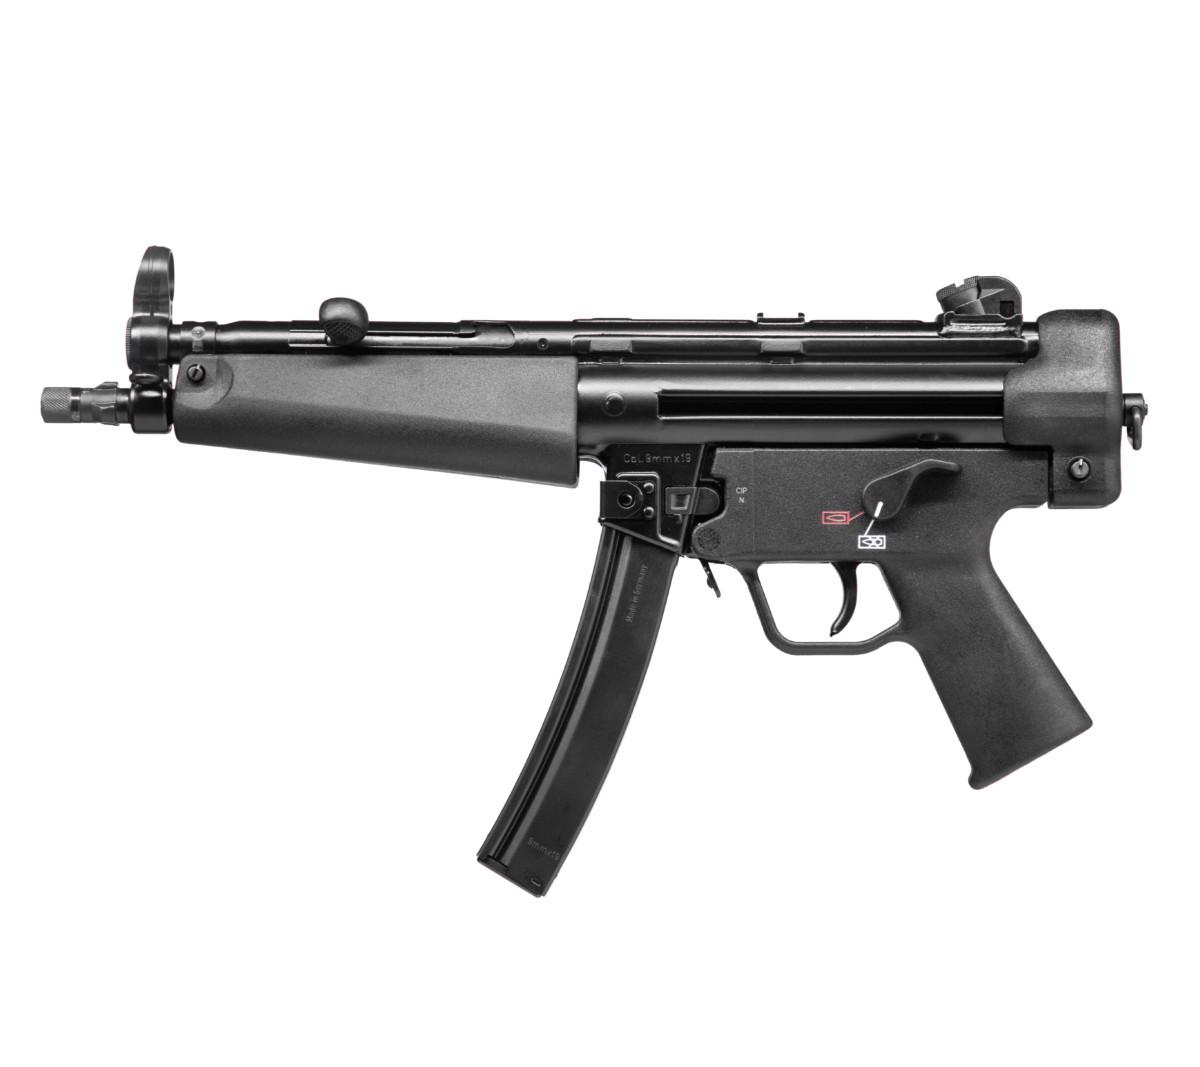 SP5-1800x1600_L